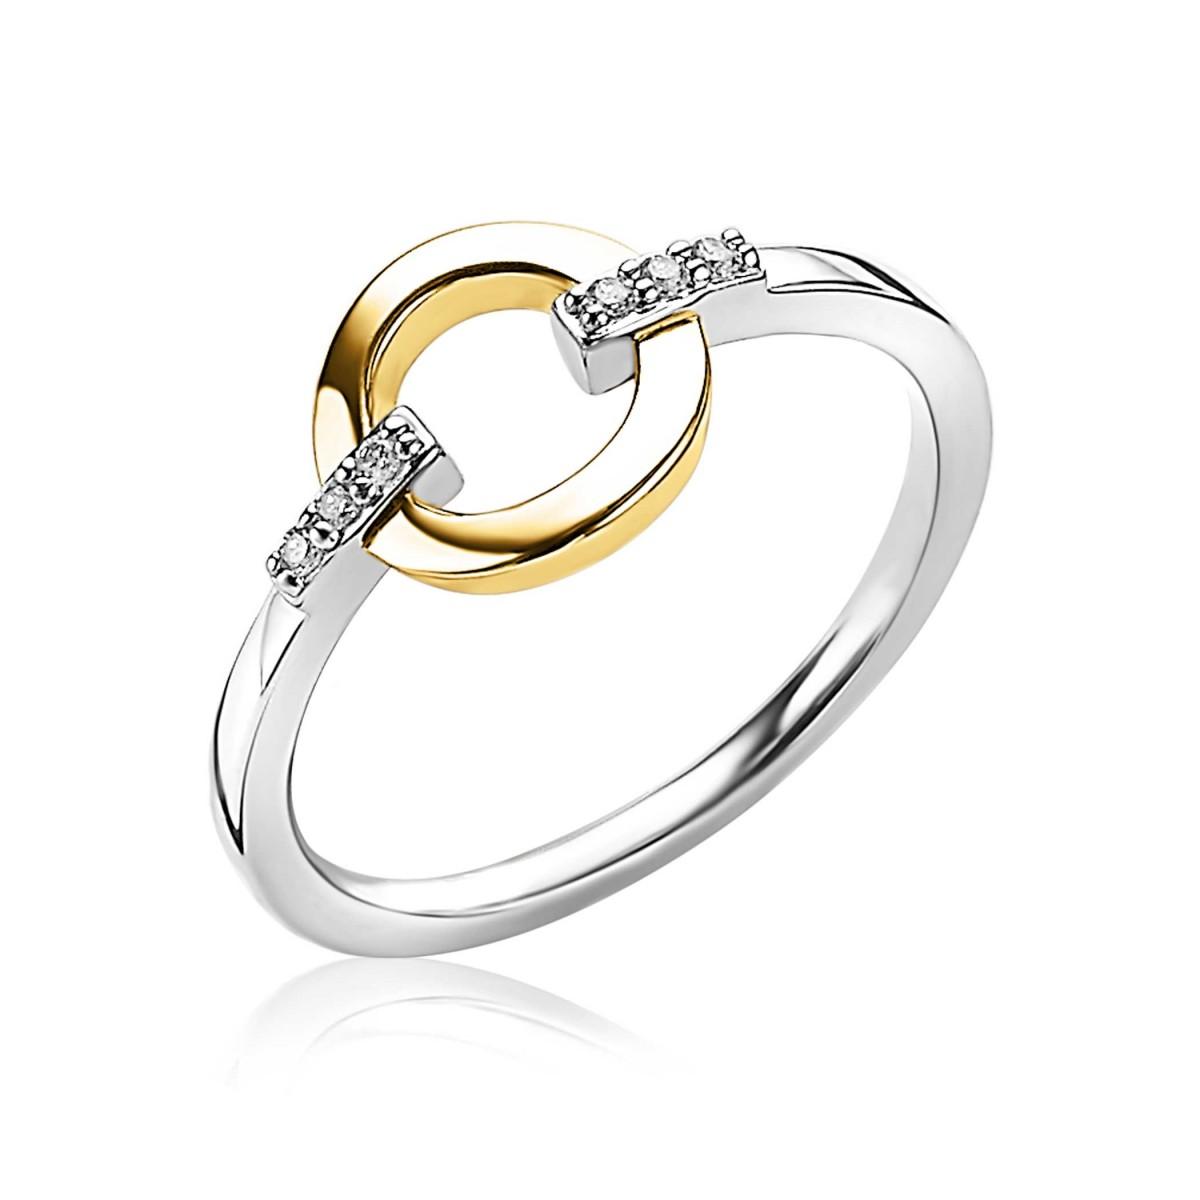 Zinzi ZIR1814G Ring zilver met zirconia zilver en goudkleurig Maat 56